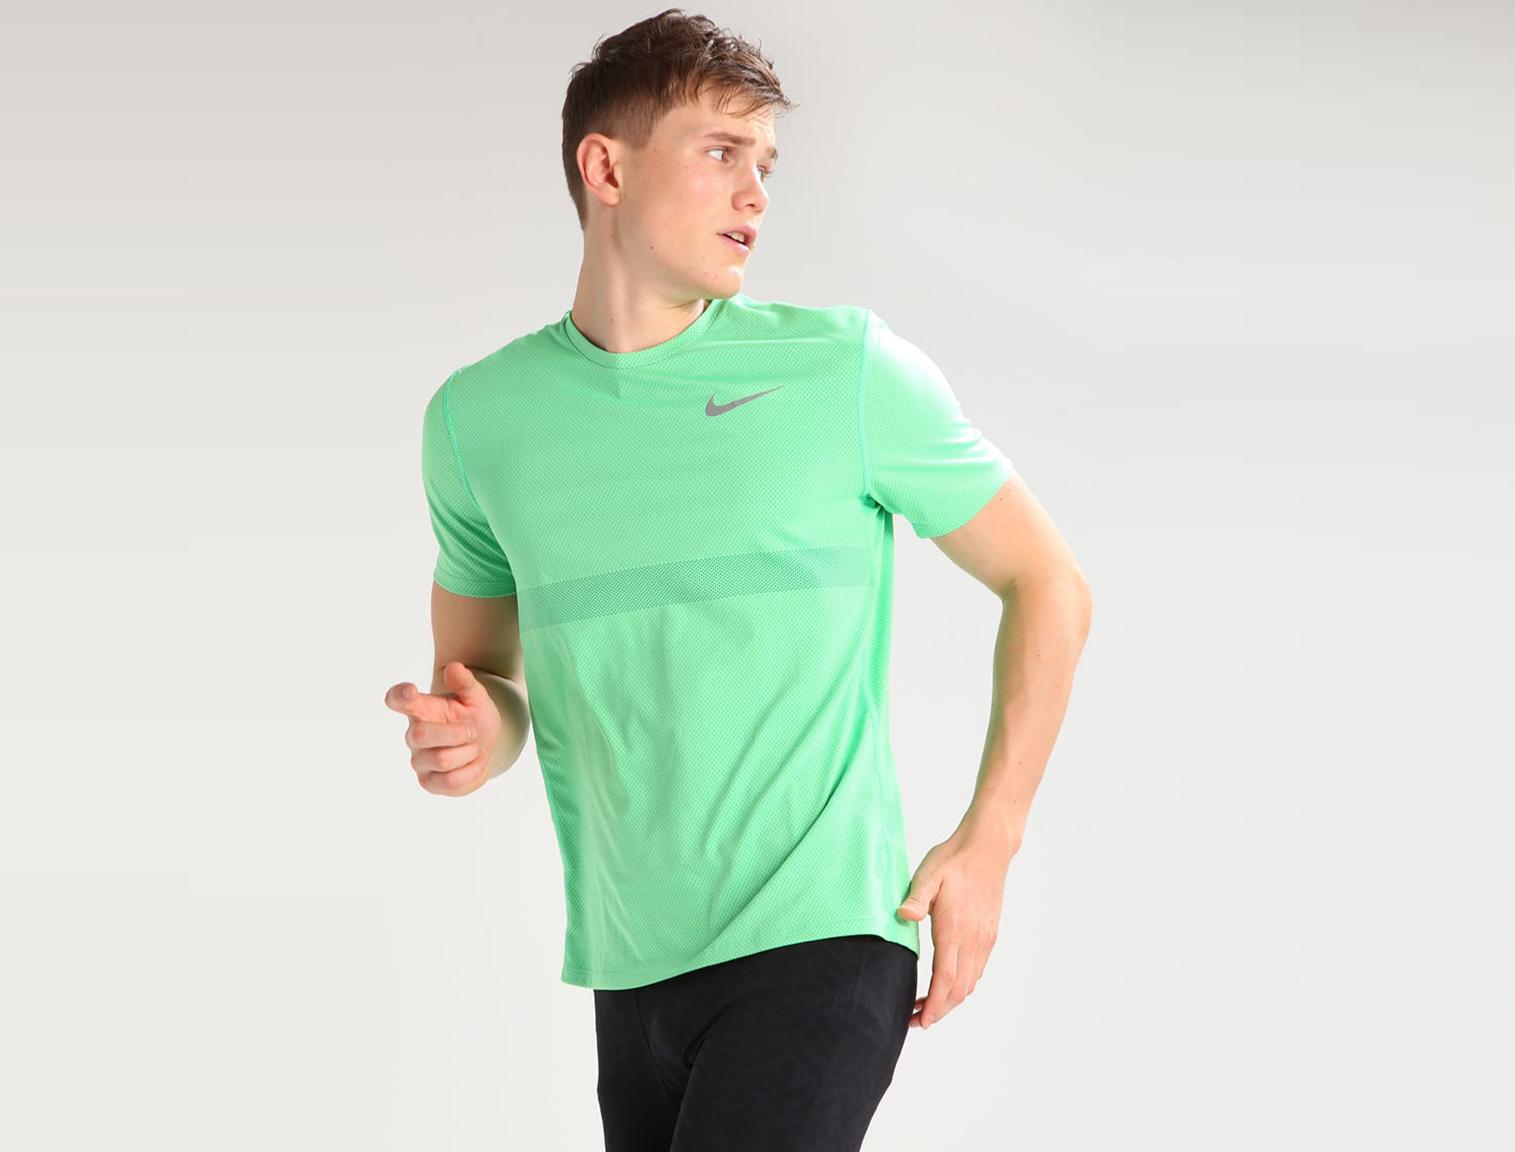 camiseta correr nike